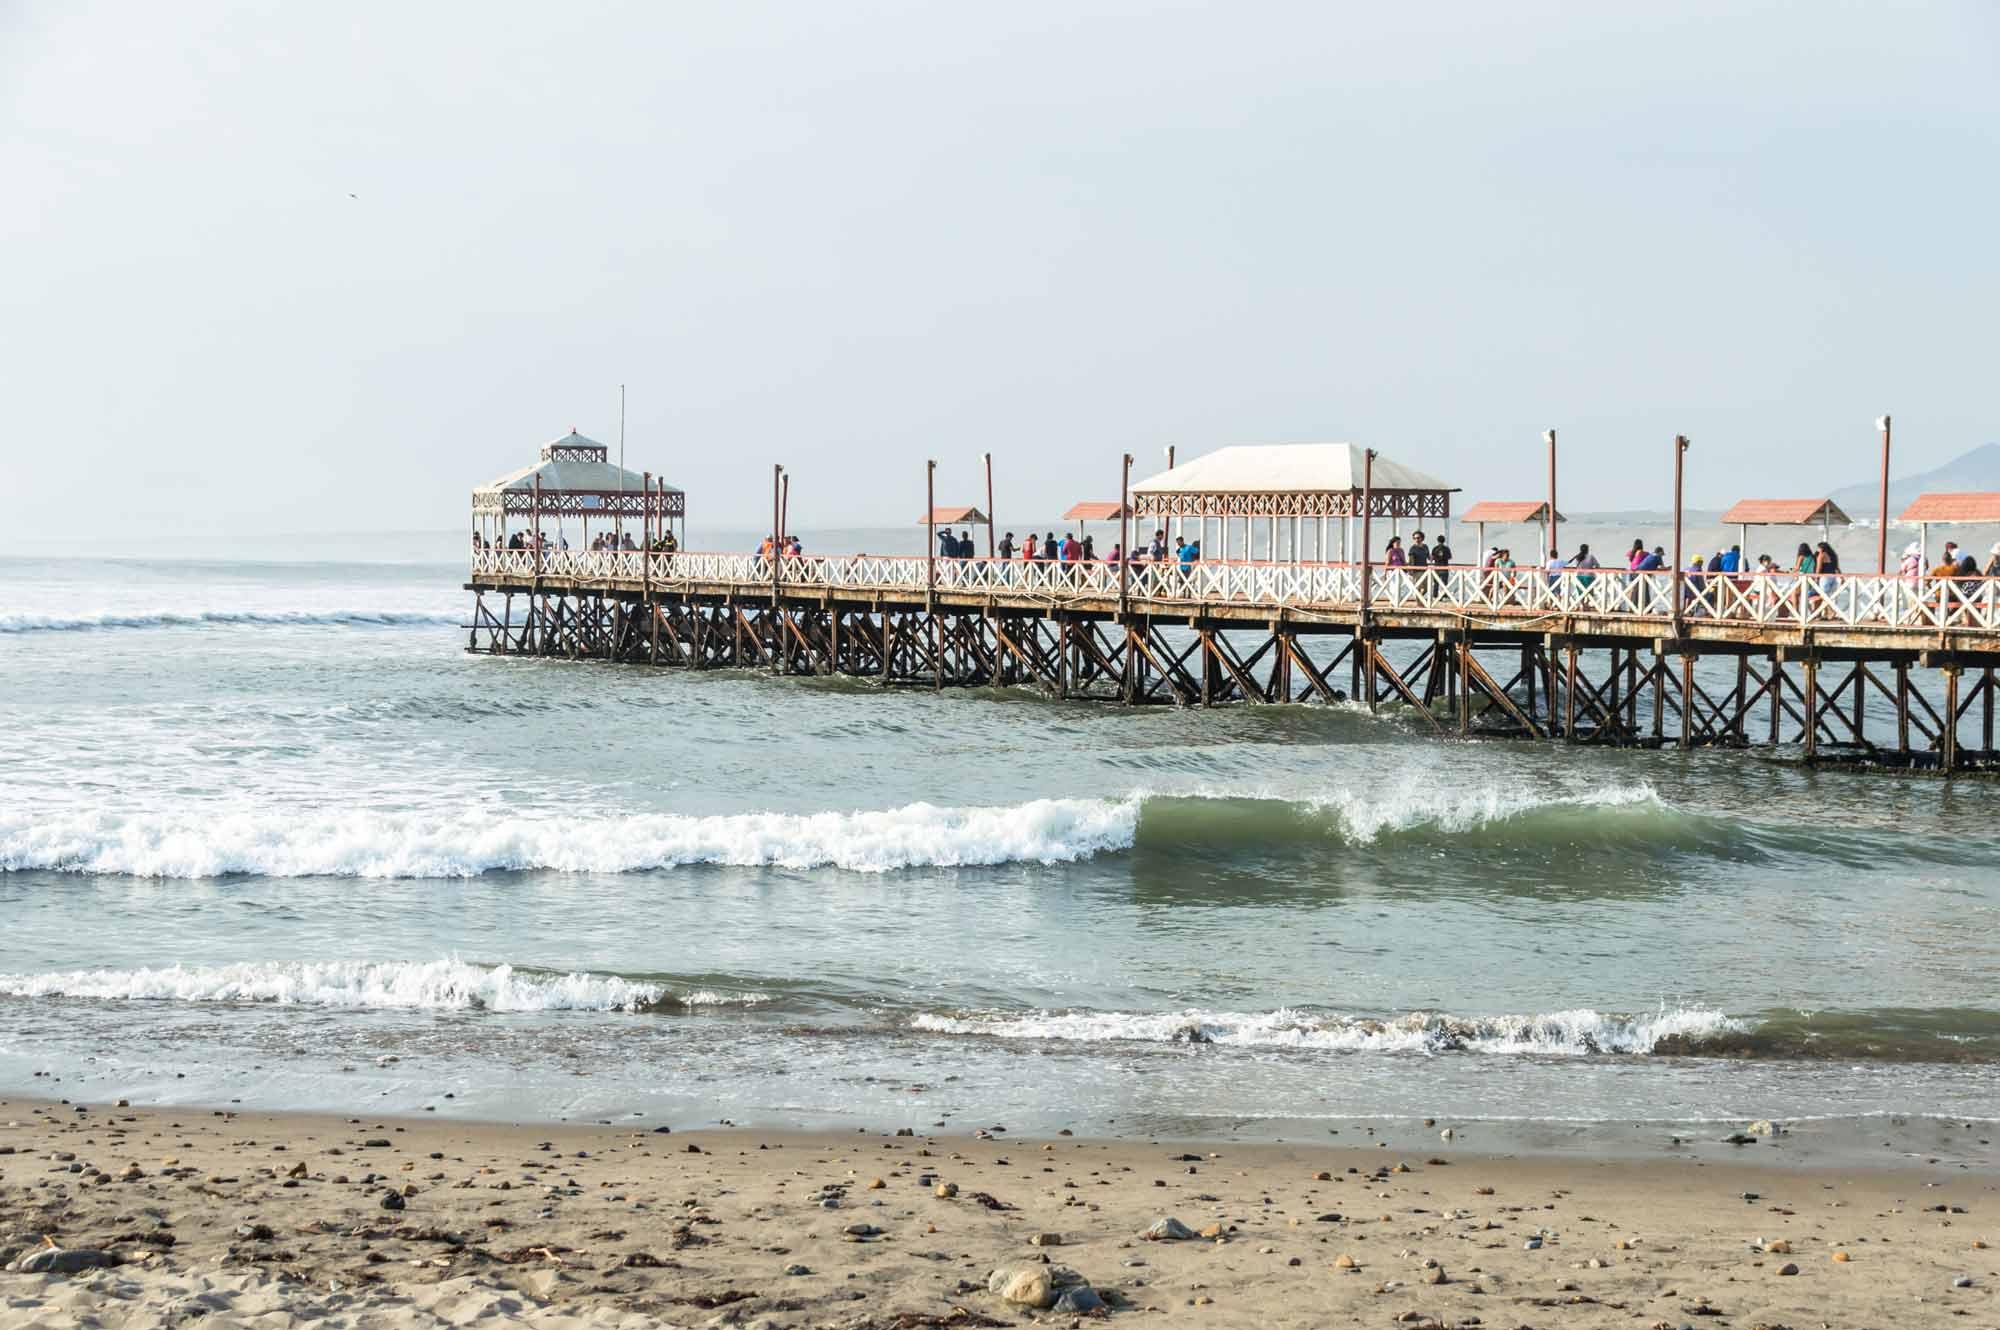 The pier in Huanchaco, Peru